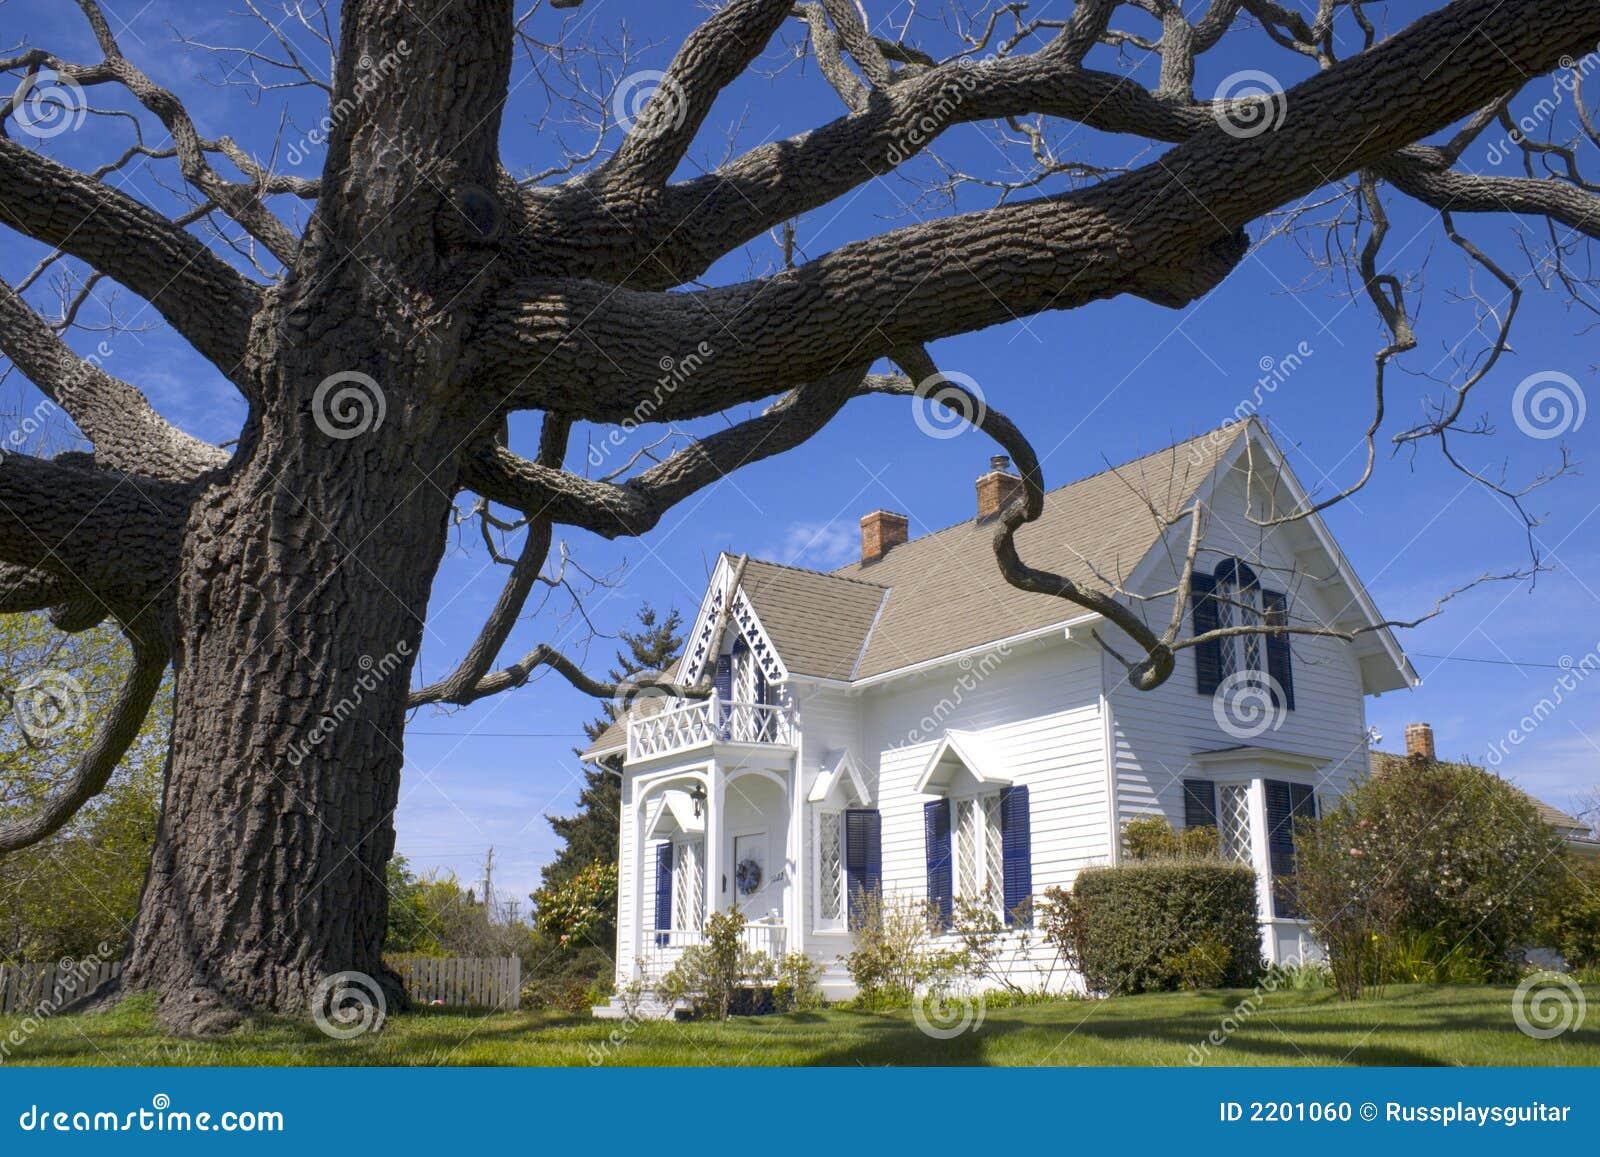 La Maison Blanche et arbre iconiques